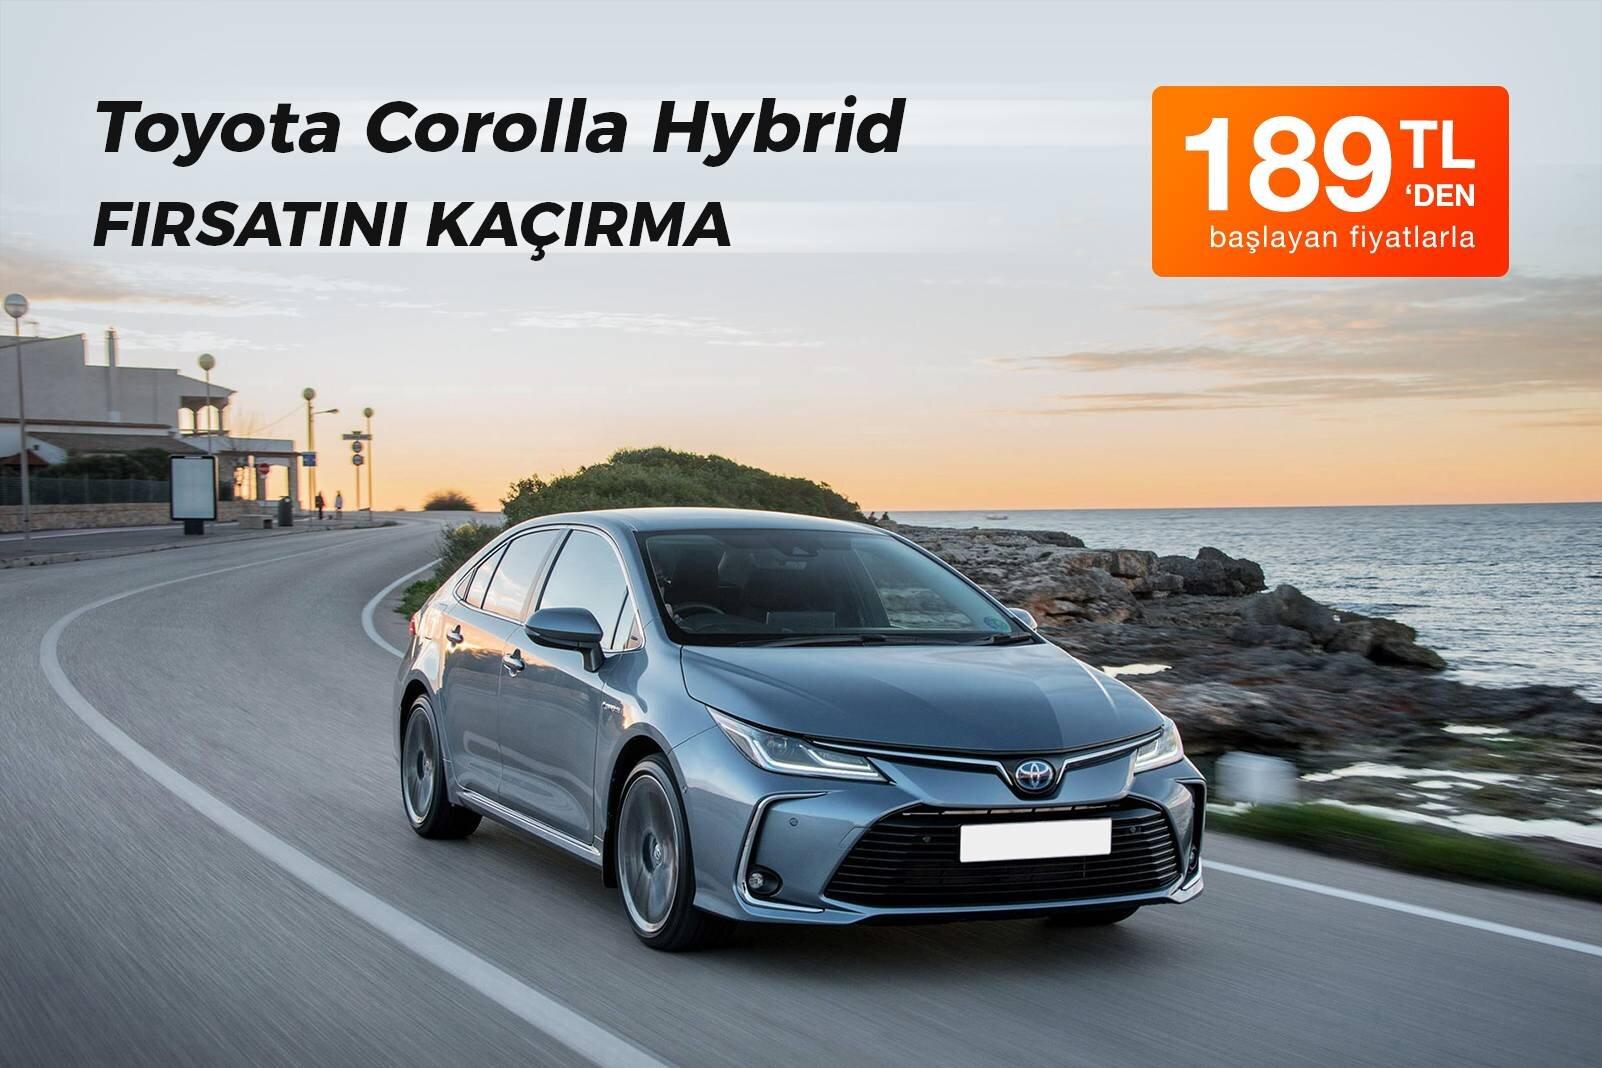 Toyota Corolla Hybrid Kiralama Fırsatı